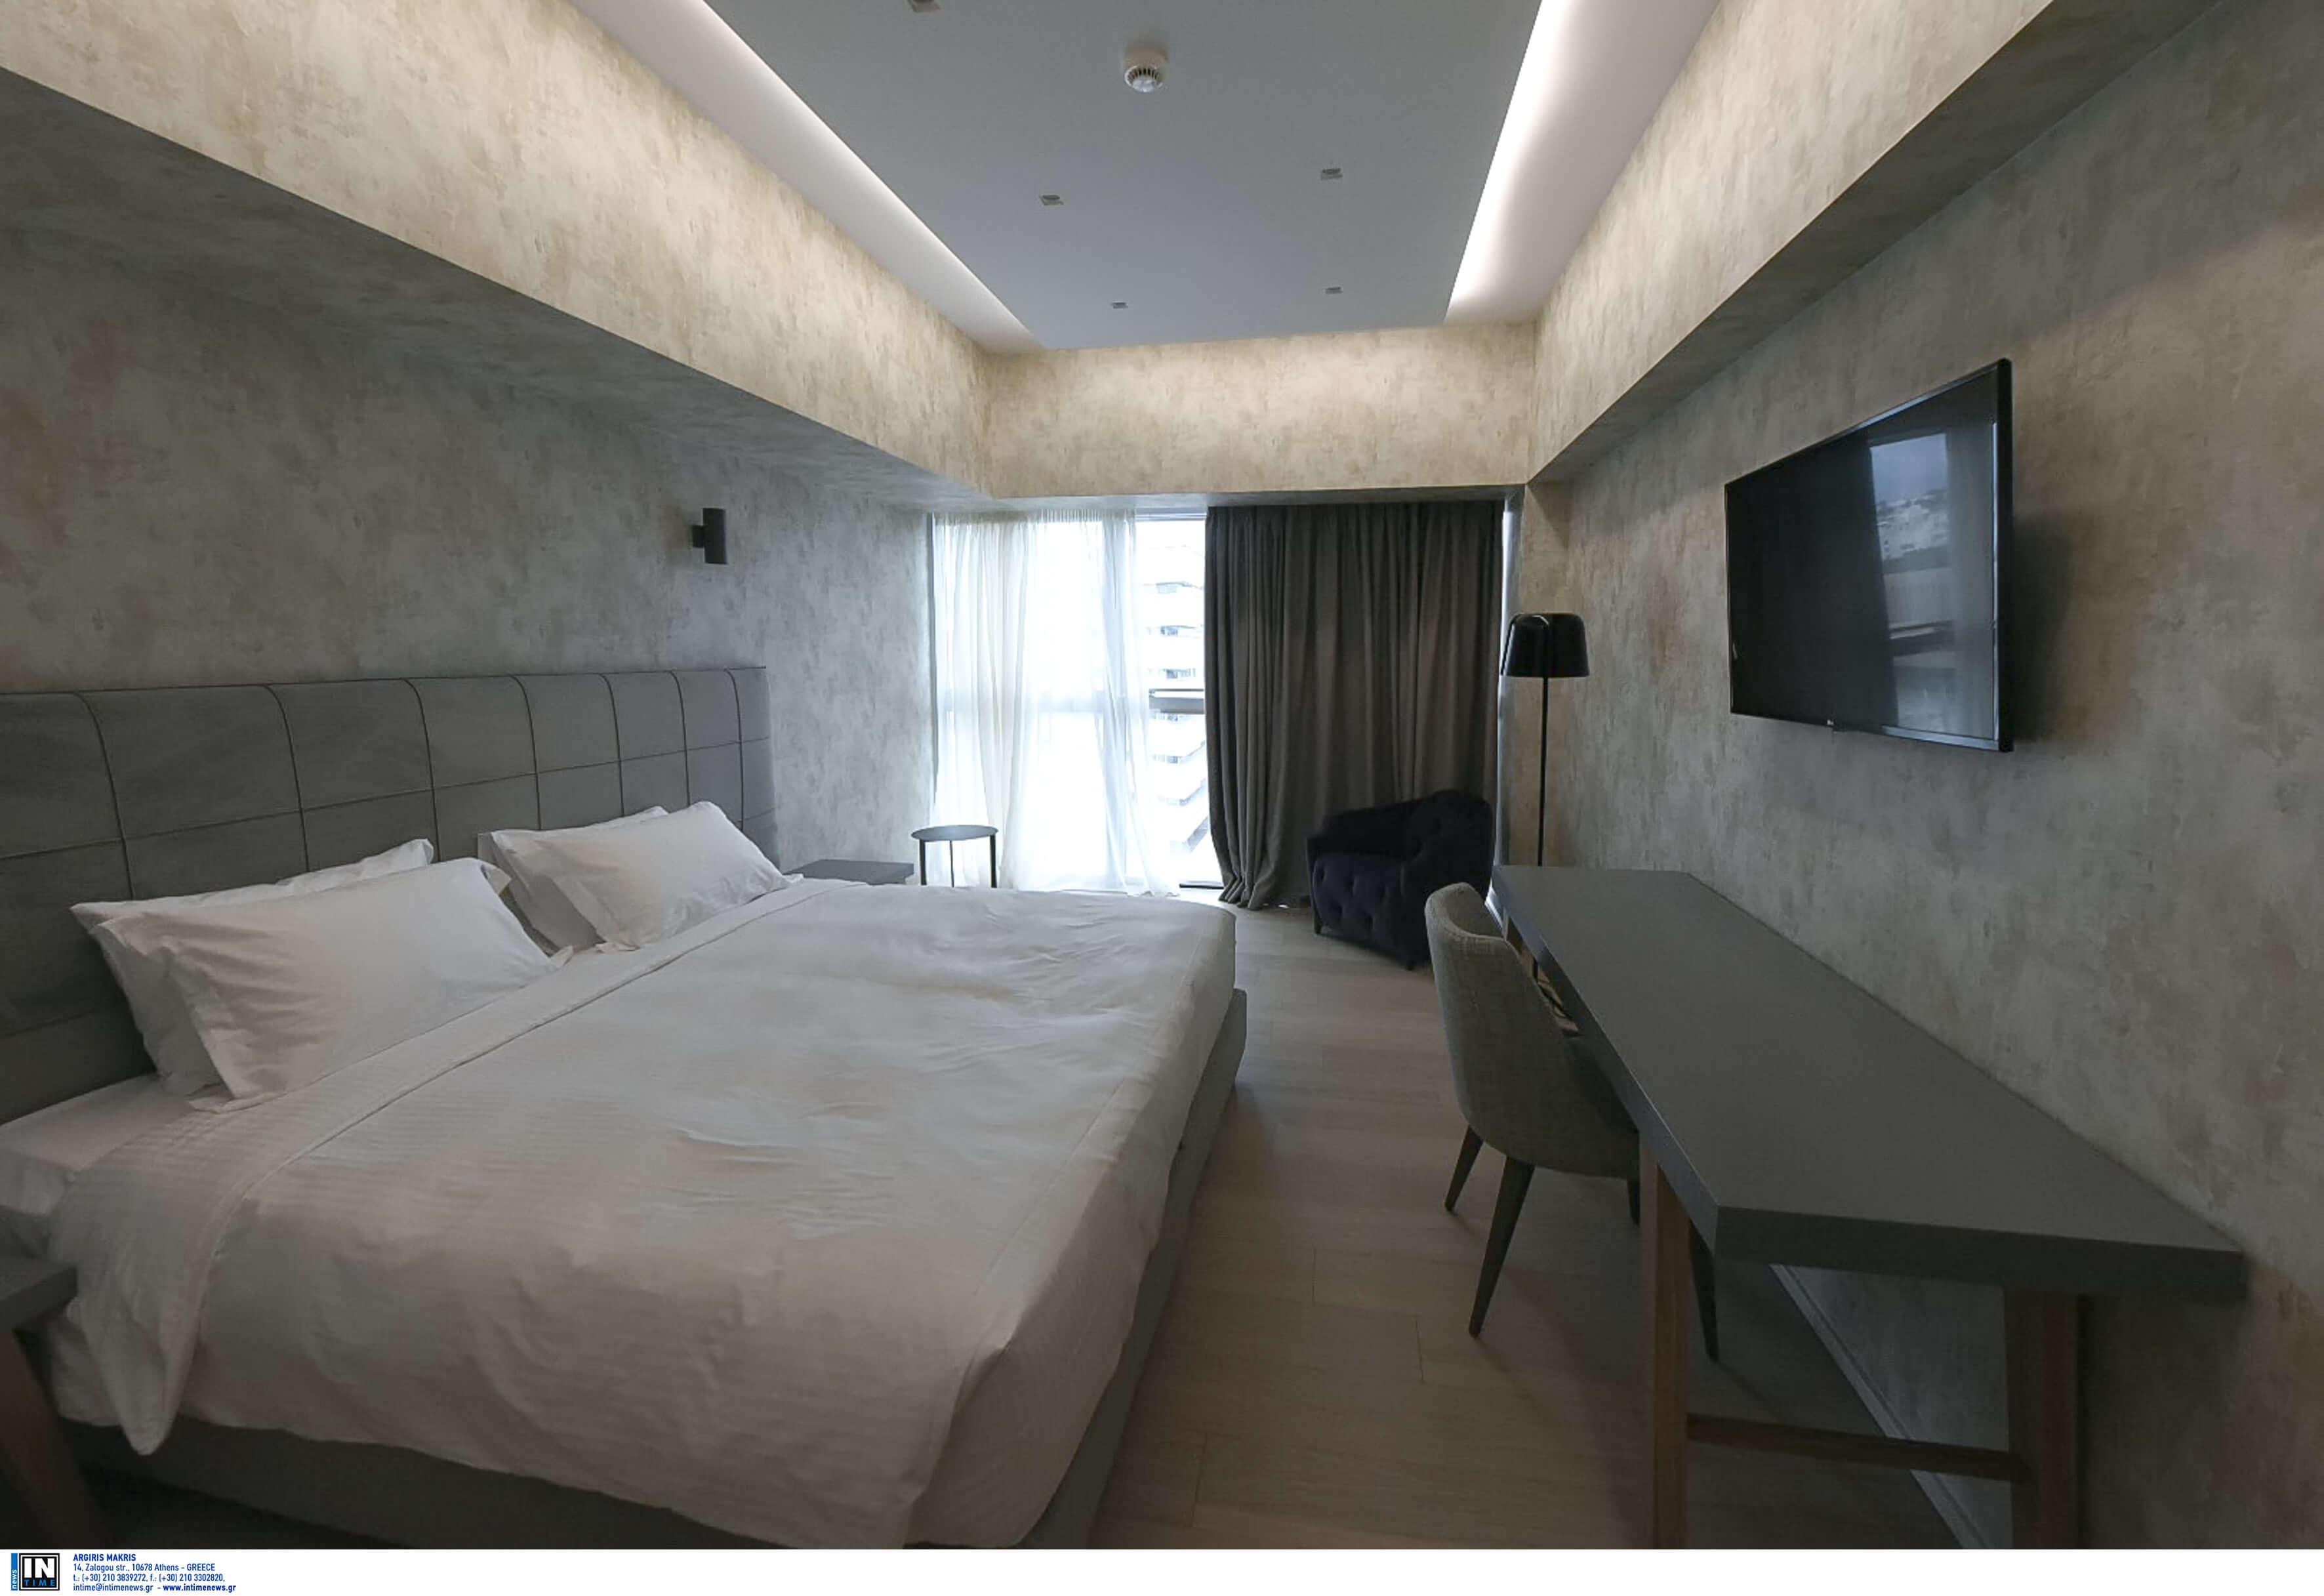 Κρήτη: Θρίλερ σε δωμάτιο ξενοδοχείου – Το τηλεφώνημα που την έκανε να παραλύσει από τον φόβο της!